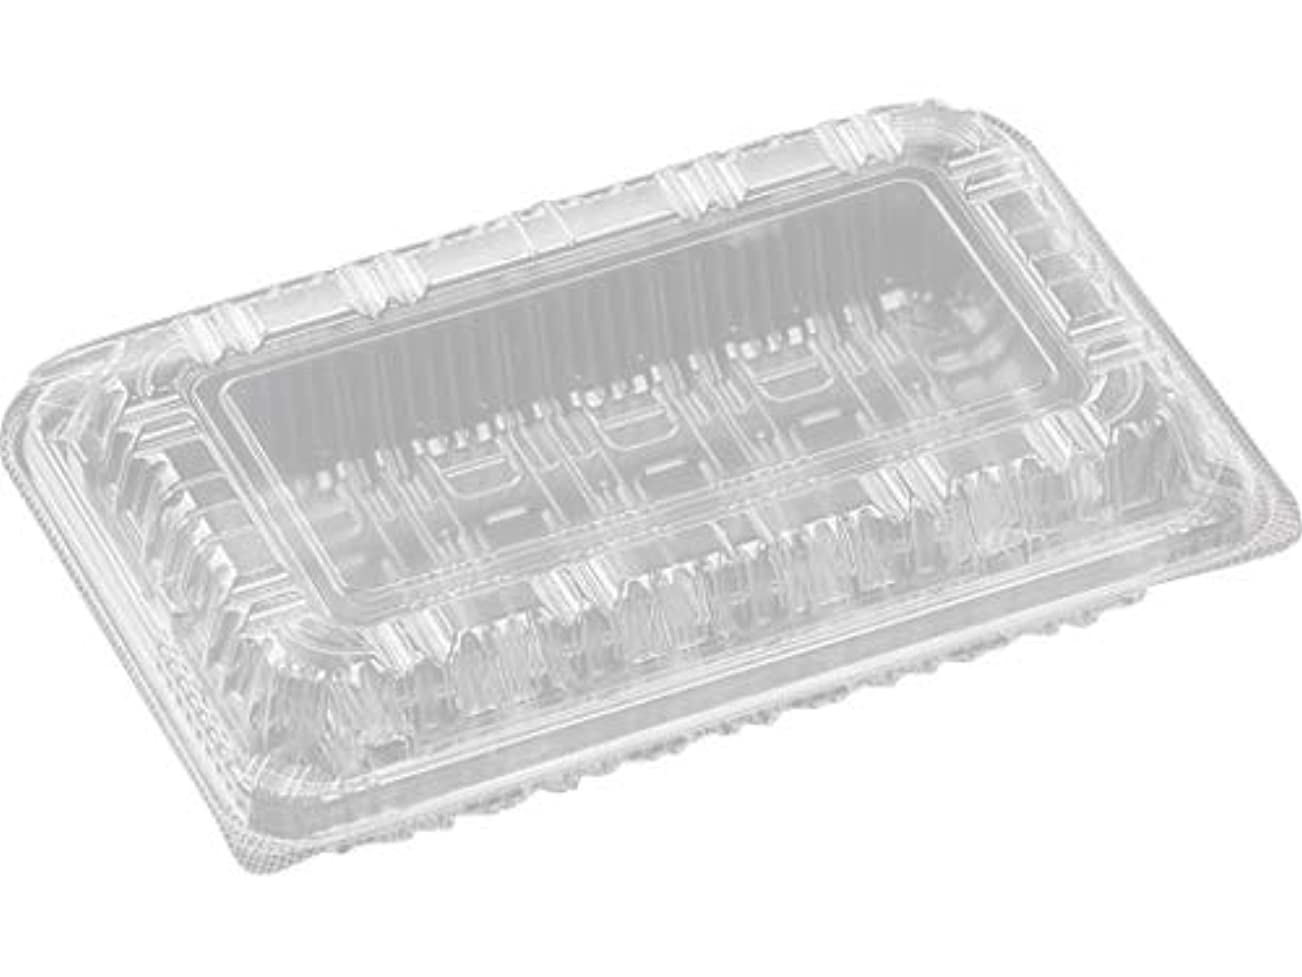 優しいメタルラインボウリングエフピコ 使い捨てフードパック PPフード大深(45)嵌合 50枚入 7G861181